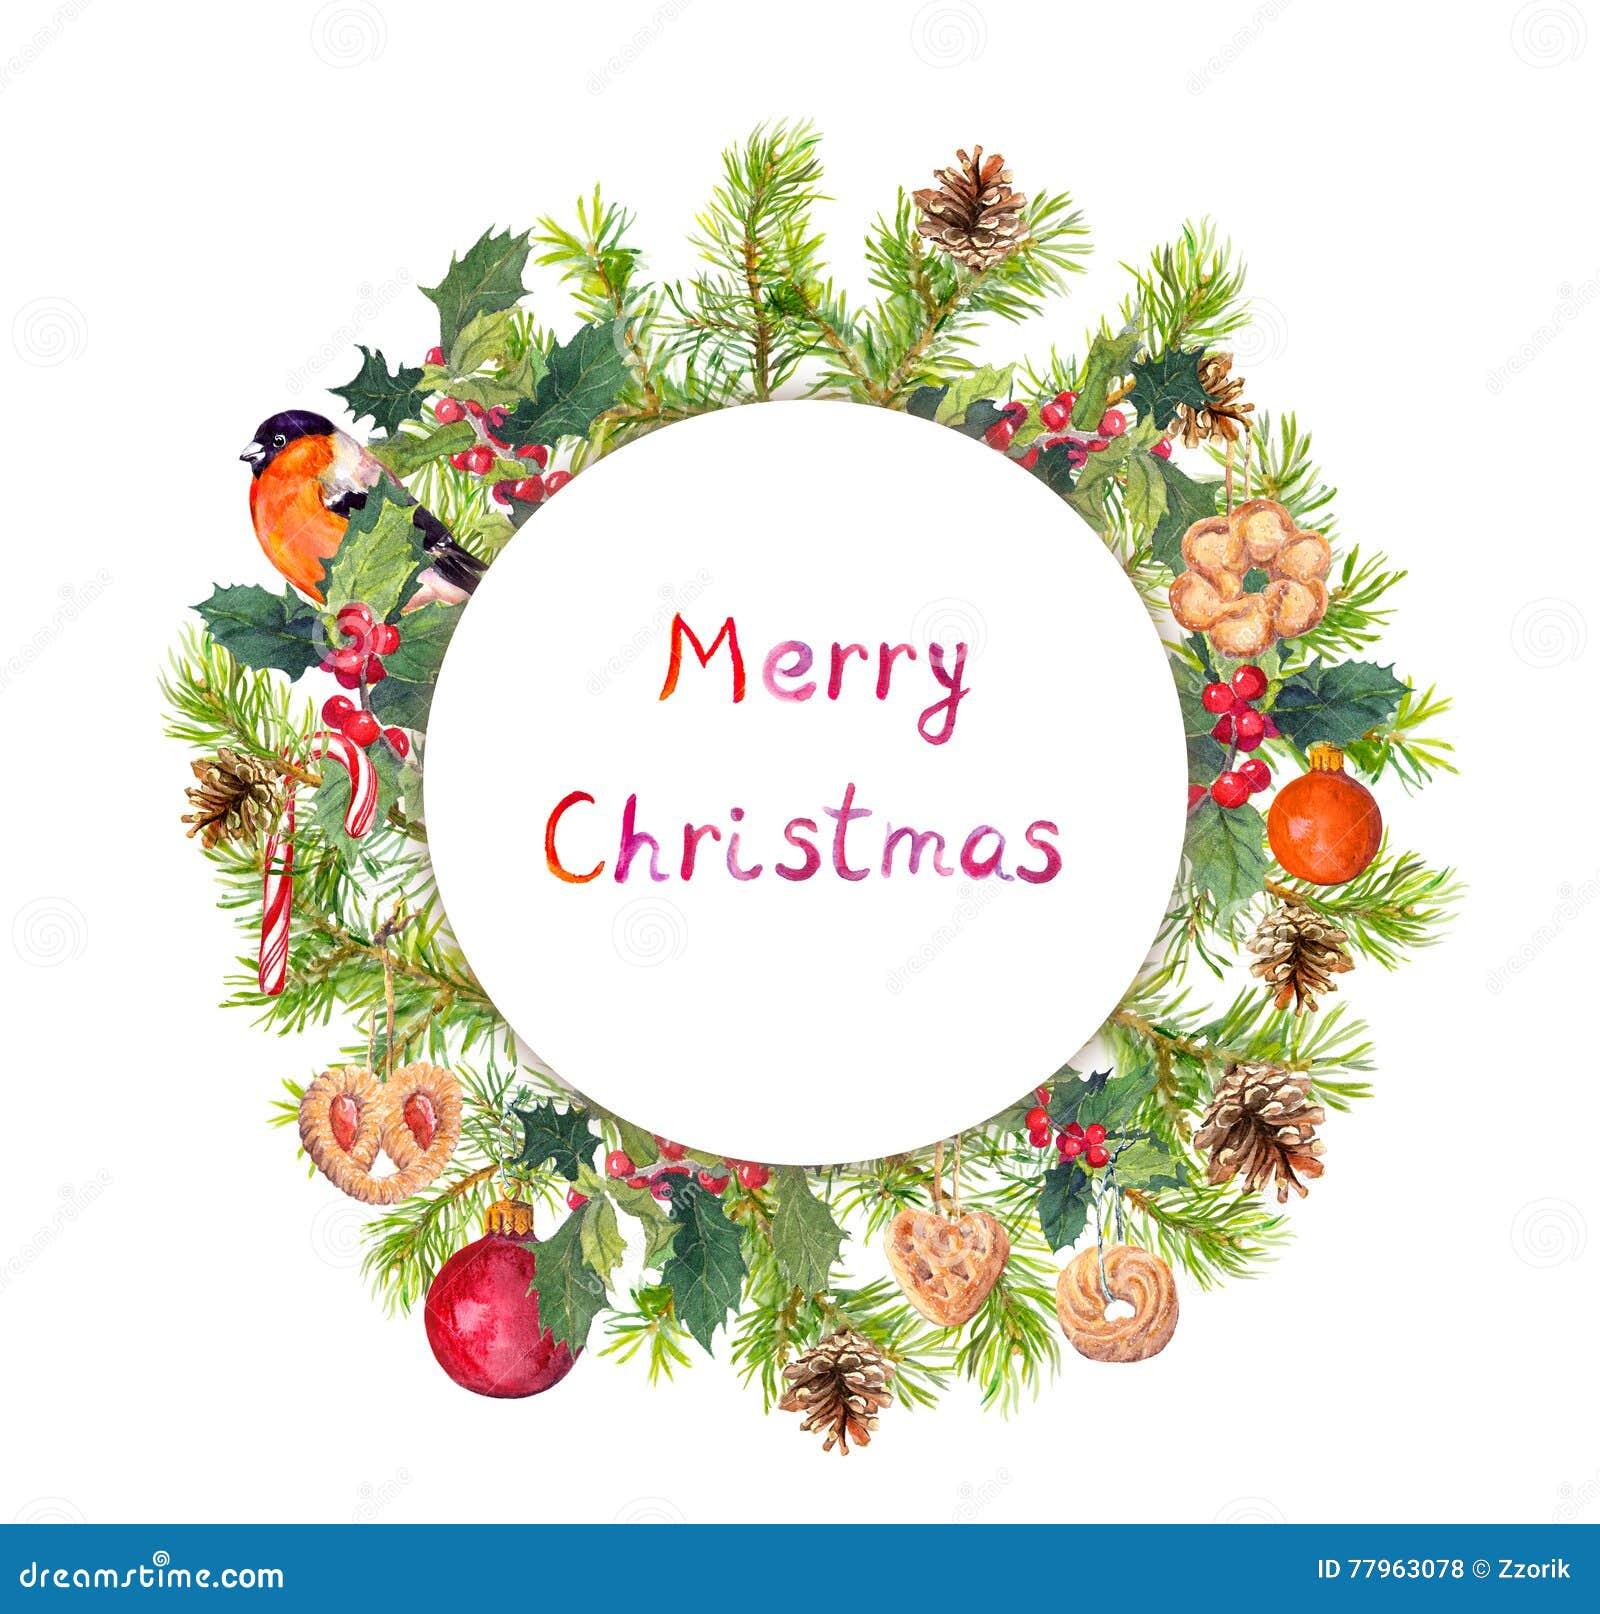 Στεφάνι Χριστουγέννων - κομψοί κλάδοι δέντρων, γκι, πουλί, μπισκότα watercolor